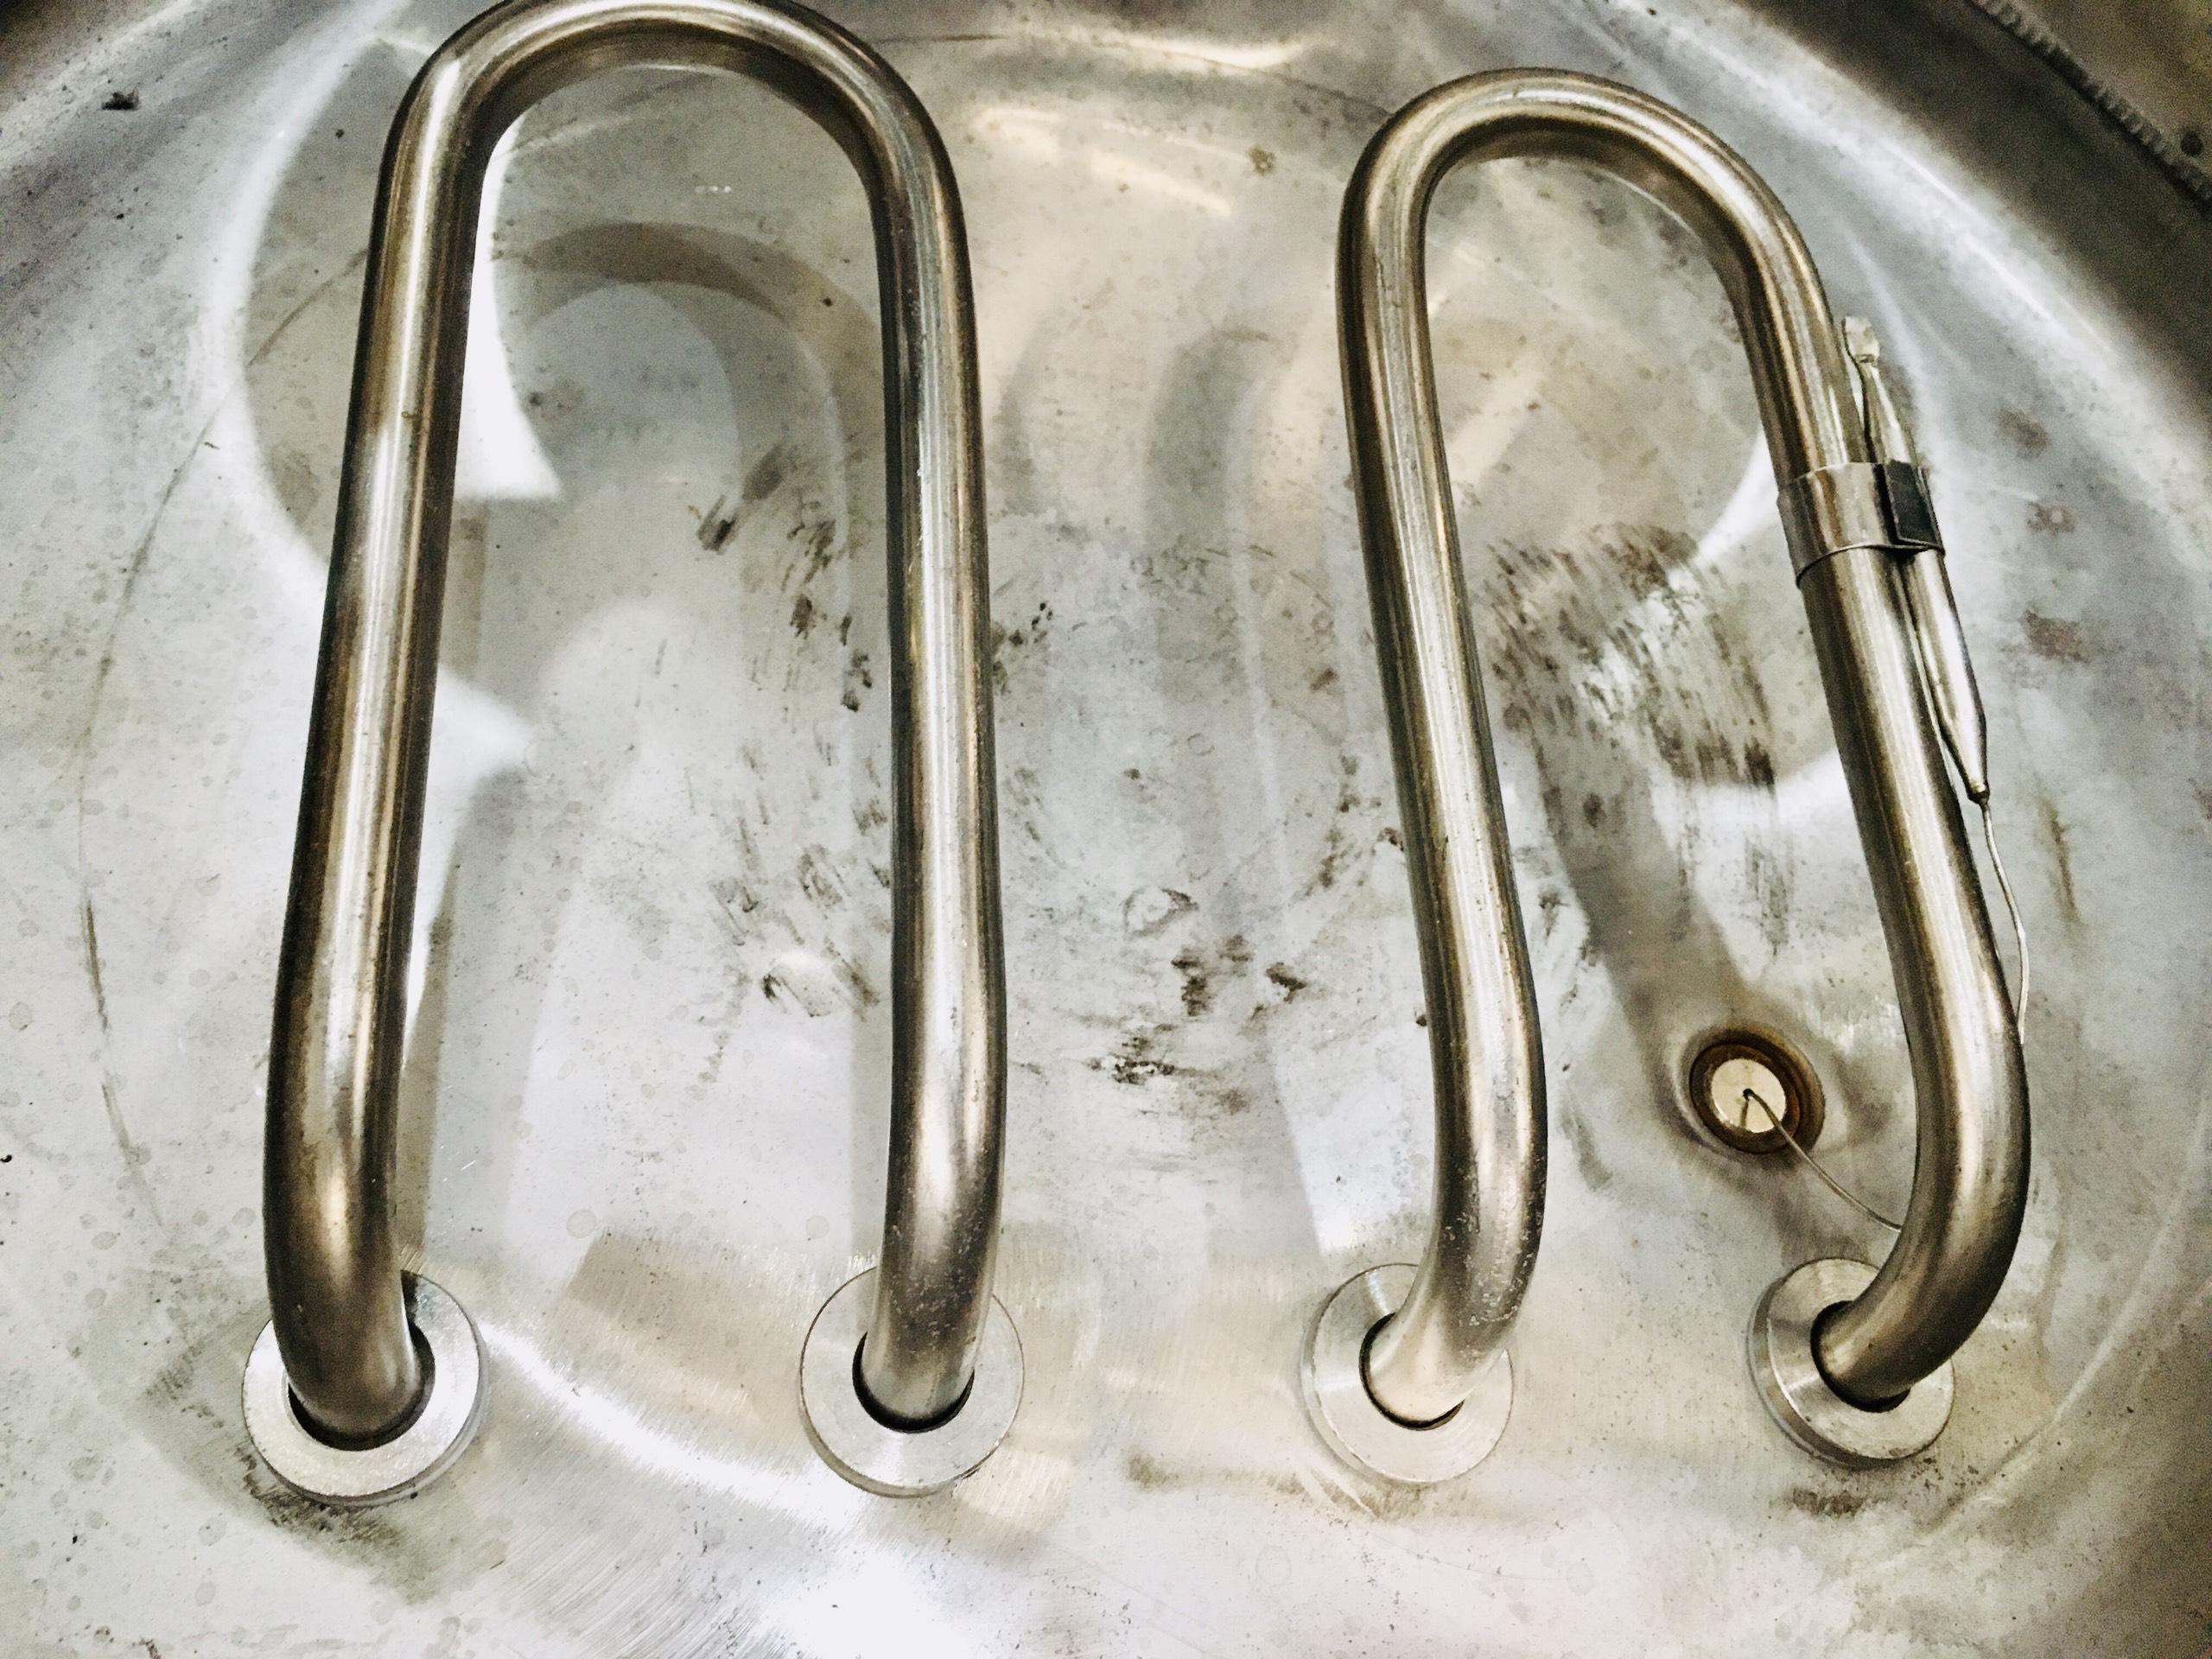 Thanh nhiệt được lắp ở đâu trong nồi nấu phở?